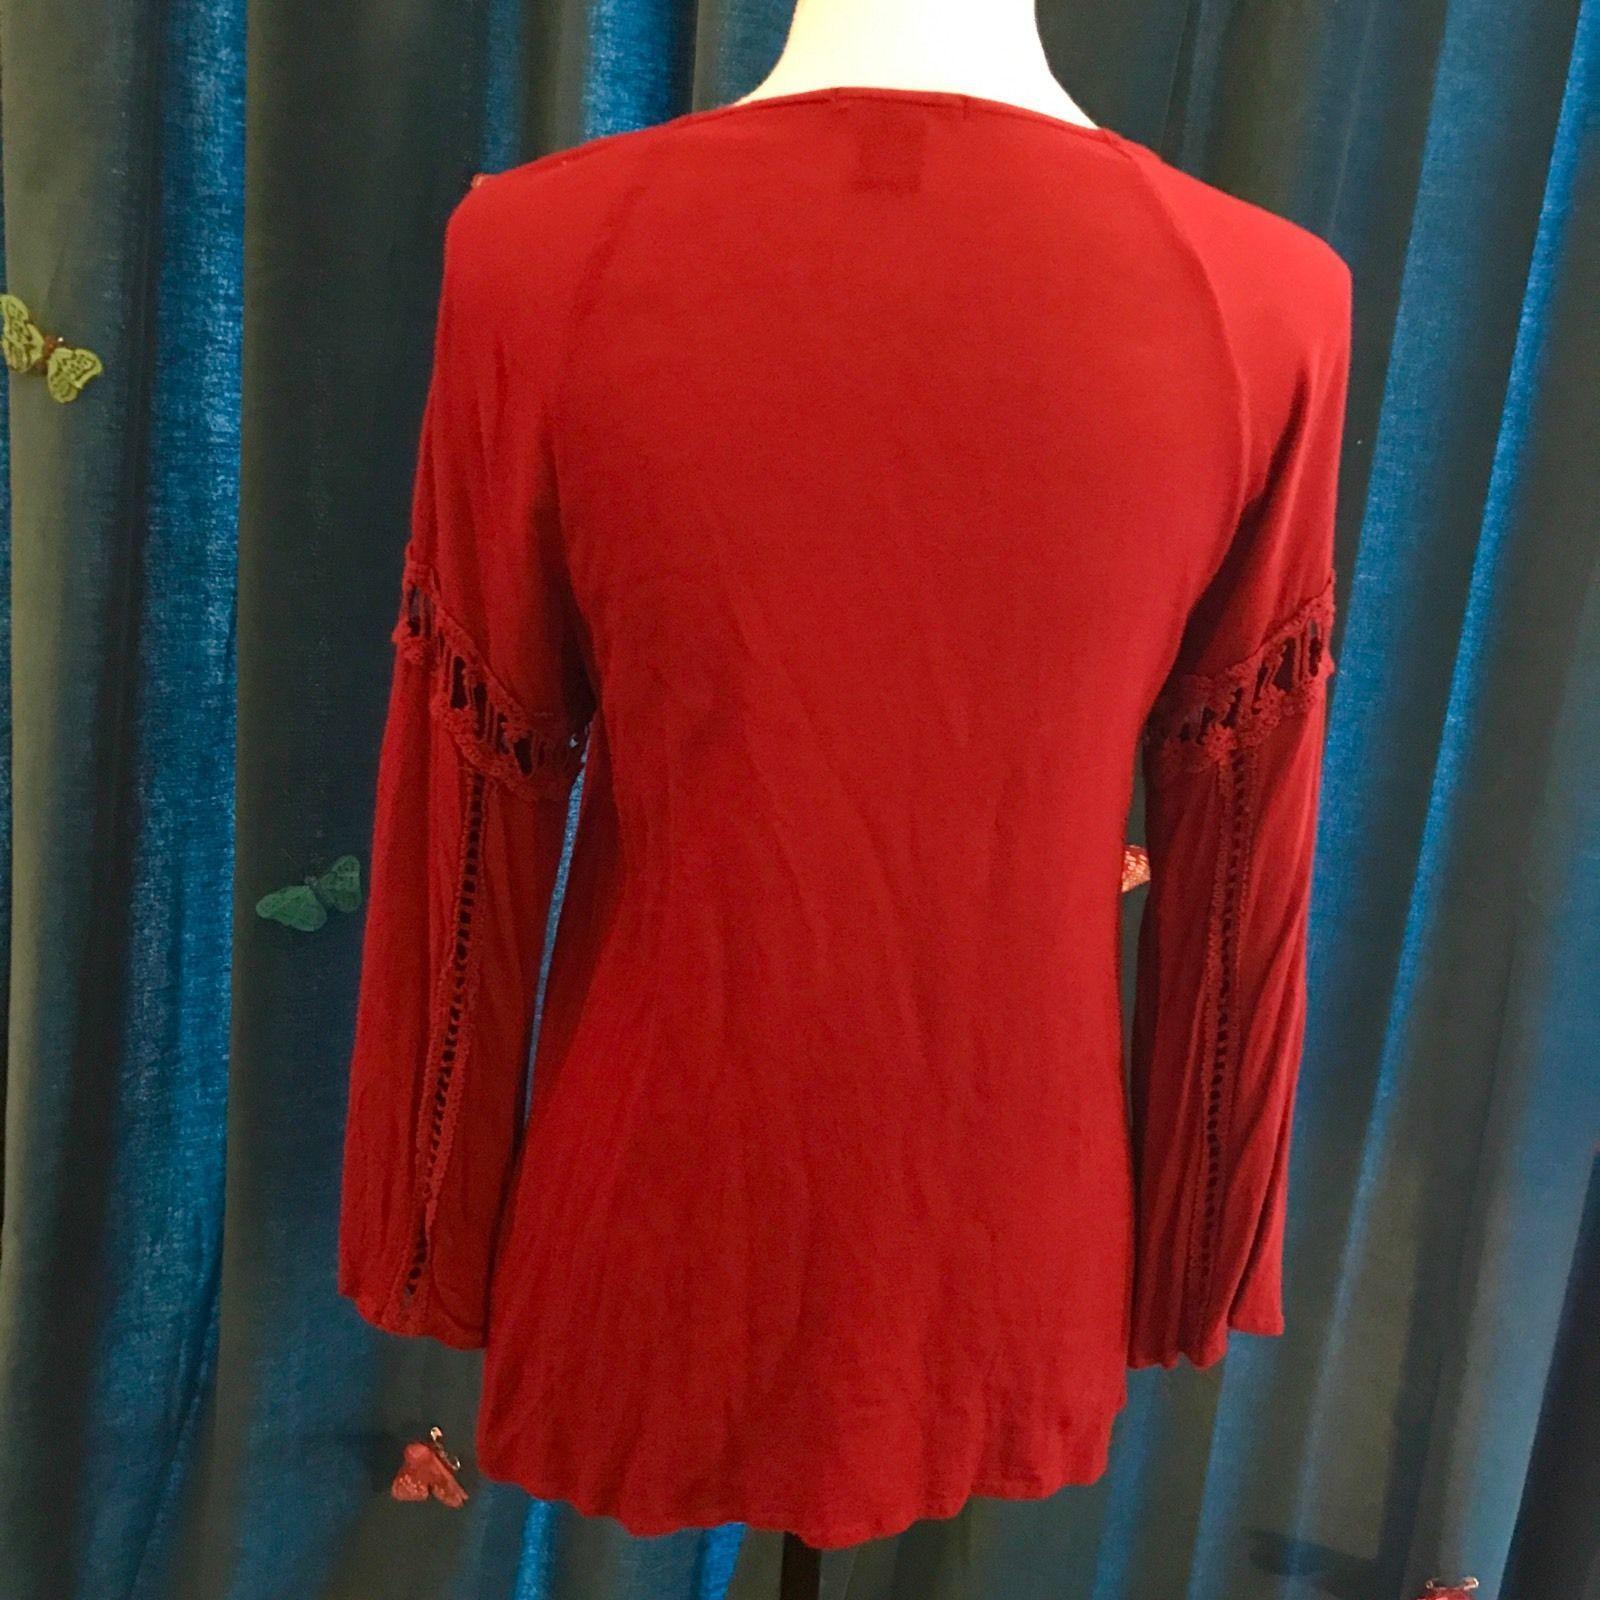 Imaginary voyage crimson burgundy red long bell sleeved crochet